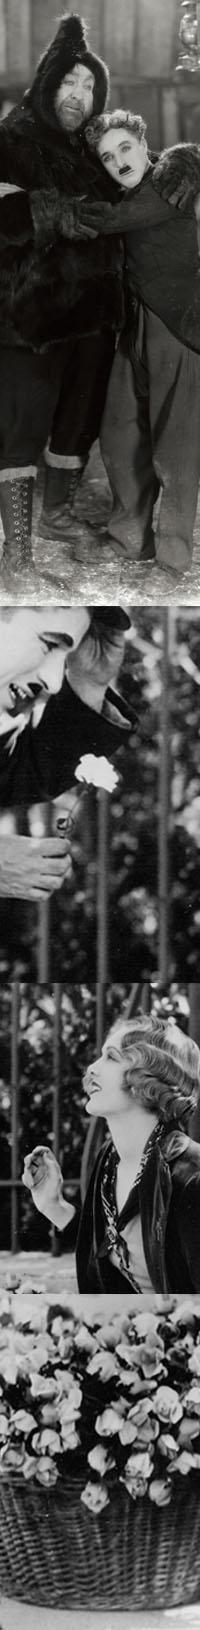 A Season With Chaplin